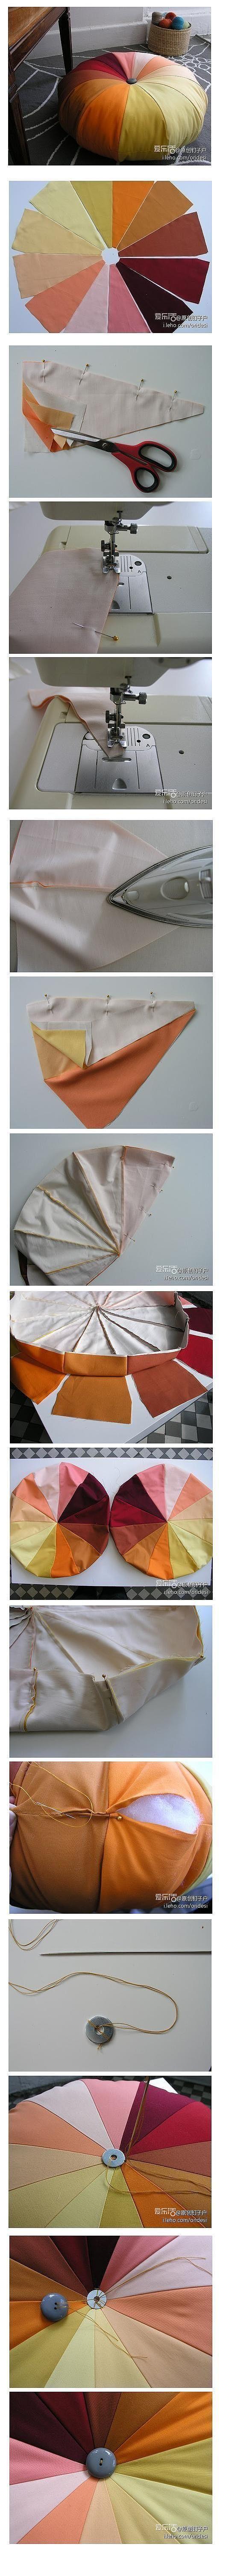 .: Sewing, Ideas, Pumpkin, Floor Pillows, Floors Cushions, Beans Bags, Floors Pillows, Diy Pillows, Floor Cushions